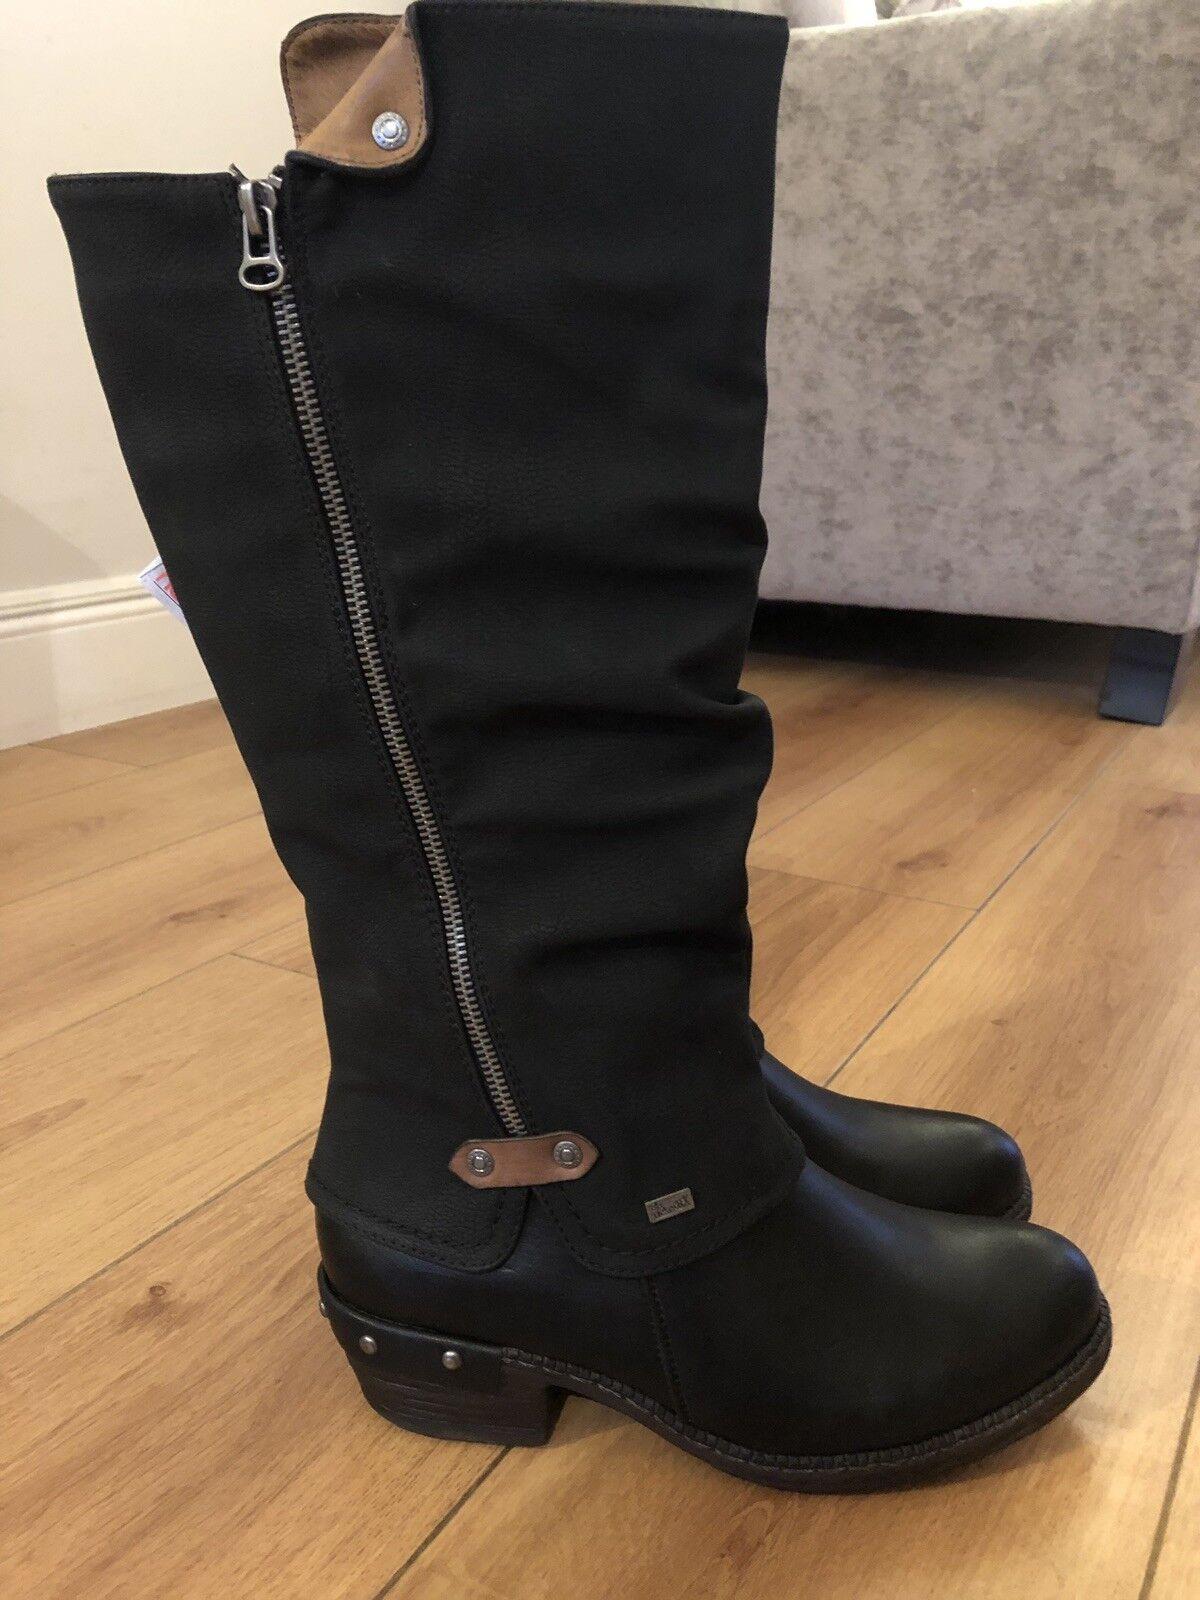 A estrenar Reiker Damas Cremallera botas Largas-Resistente al Agua Agua Agua Negro Cuero UK 6.5 40  online al mejor precio